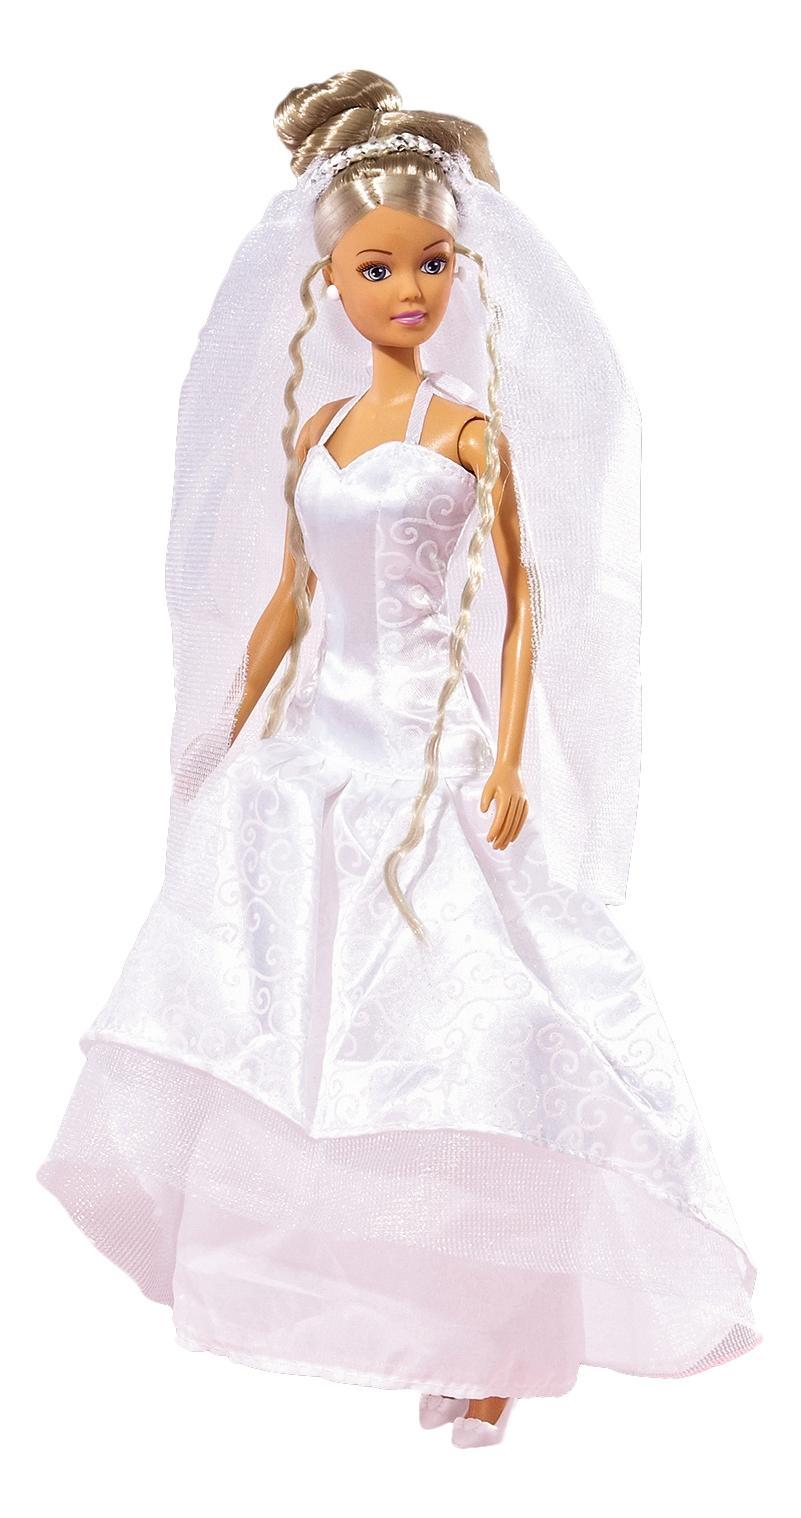 Кукла Кукла Simba Штеффи в свадебном наряде Simba симба фото